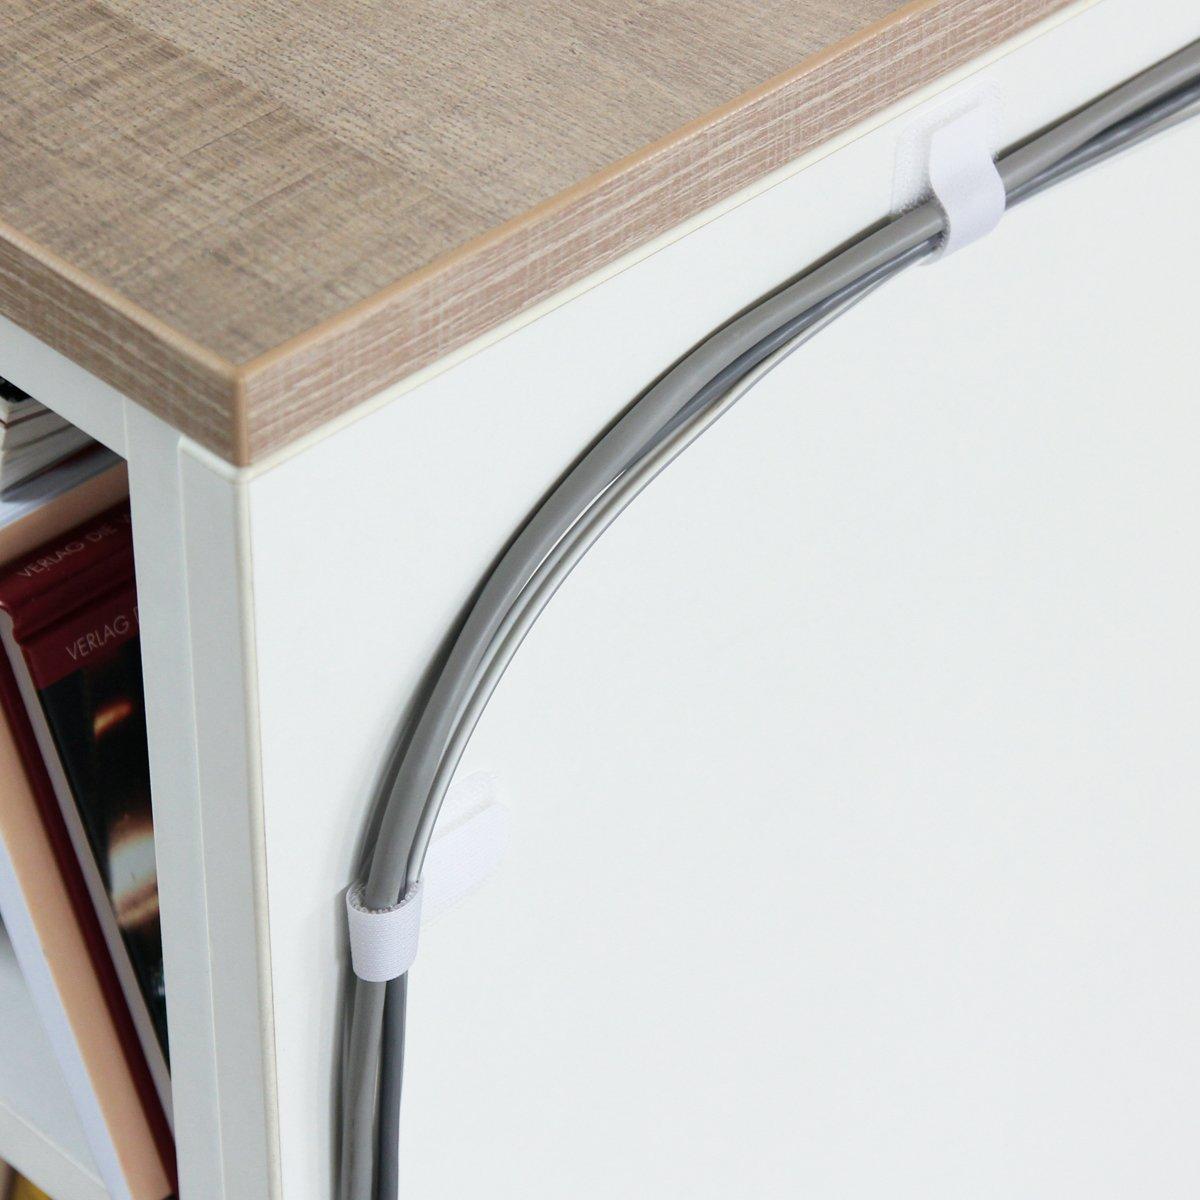 Label-the-cable Wall Velcro Negro 50 50 Negro Pieza(s) - Velcros (Negro, 33 mm, 9 cm, 50 Pieza(s)) aa93c4